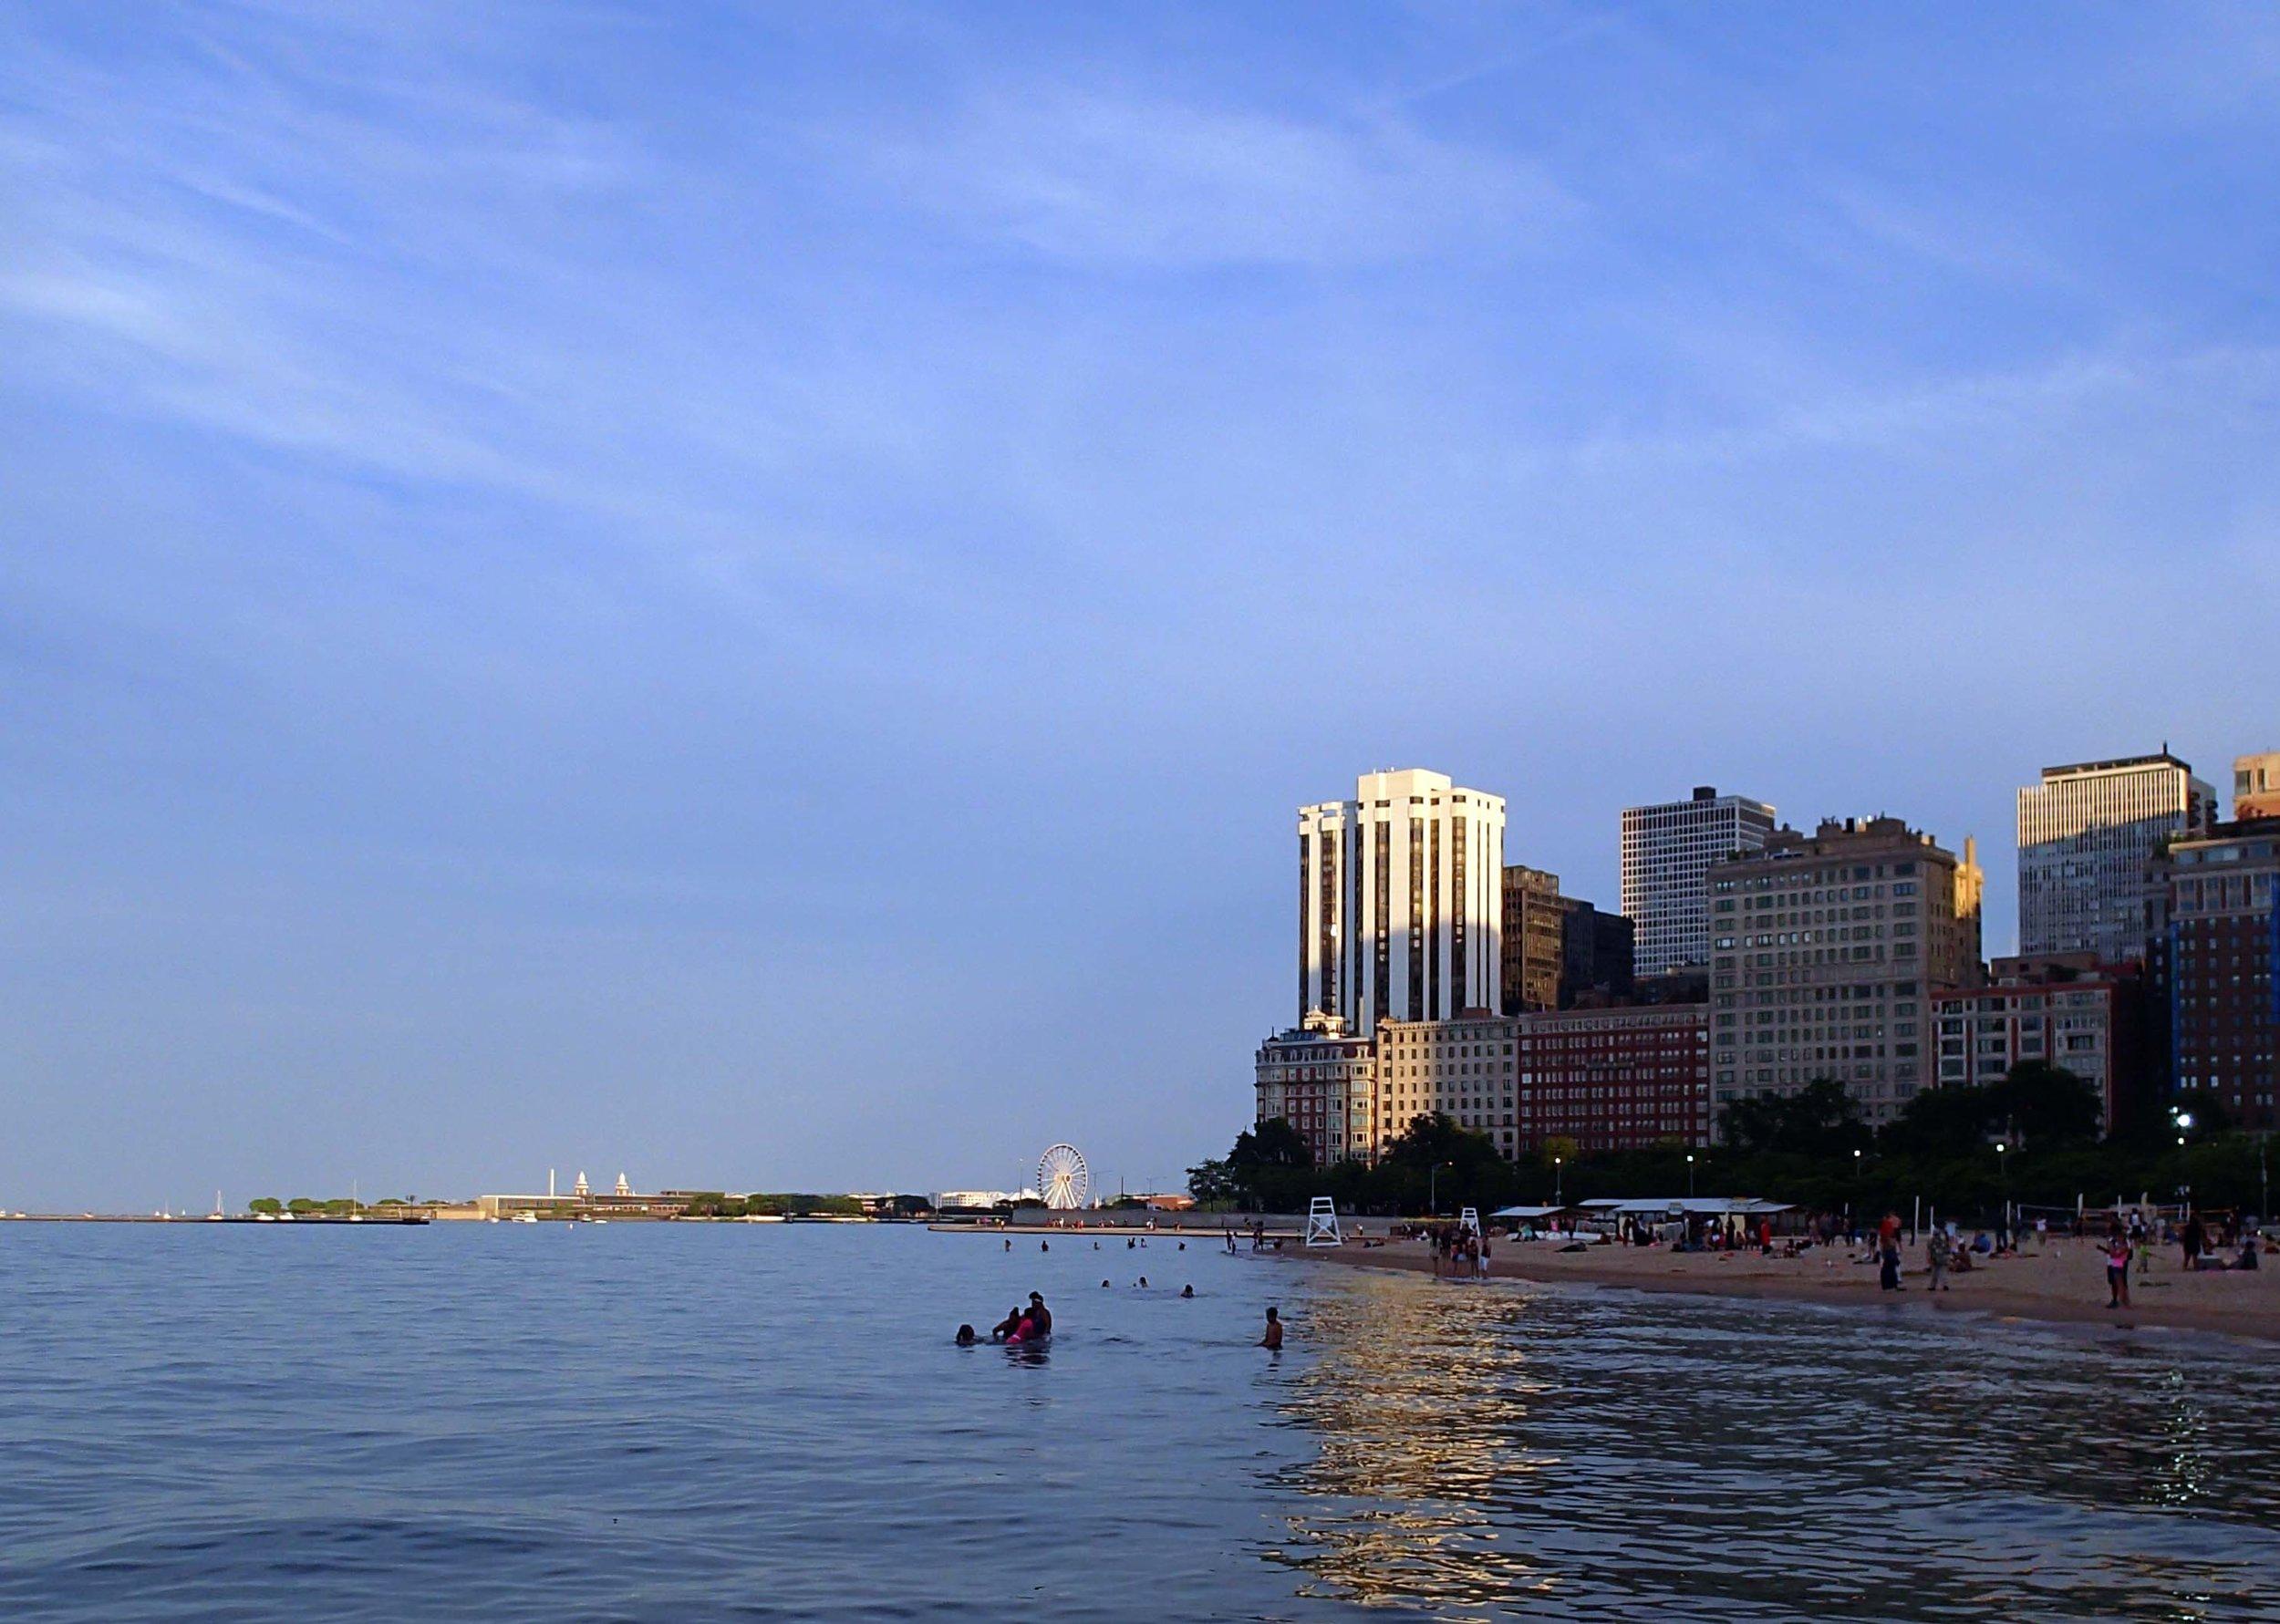 beach day in Chicago.jpg